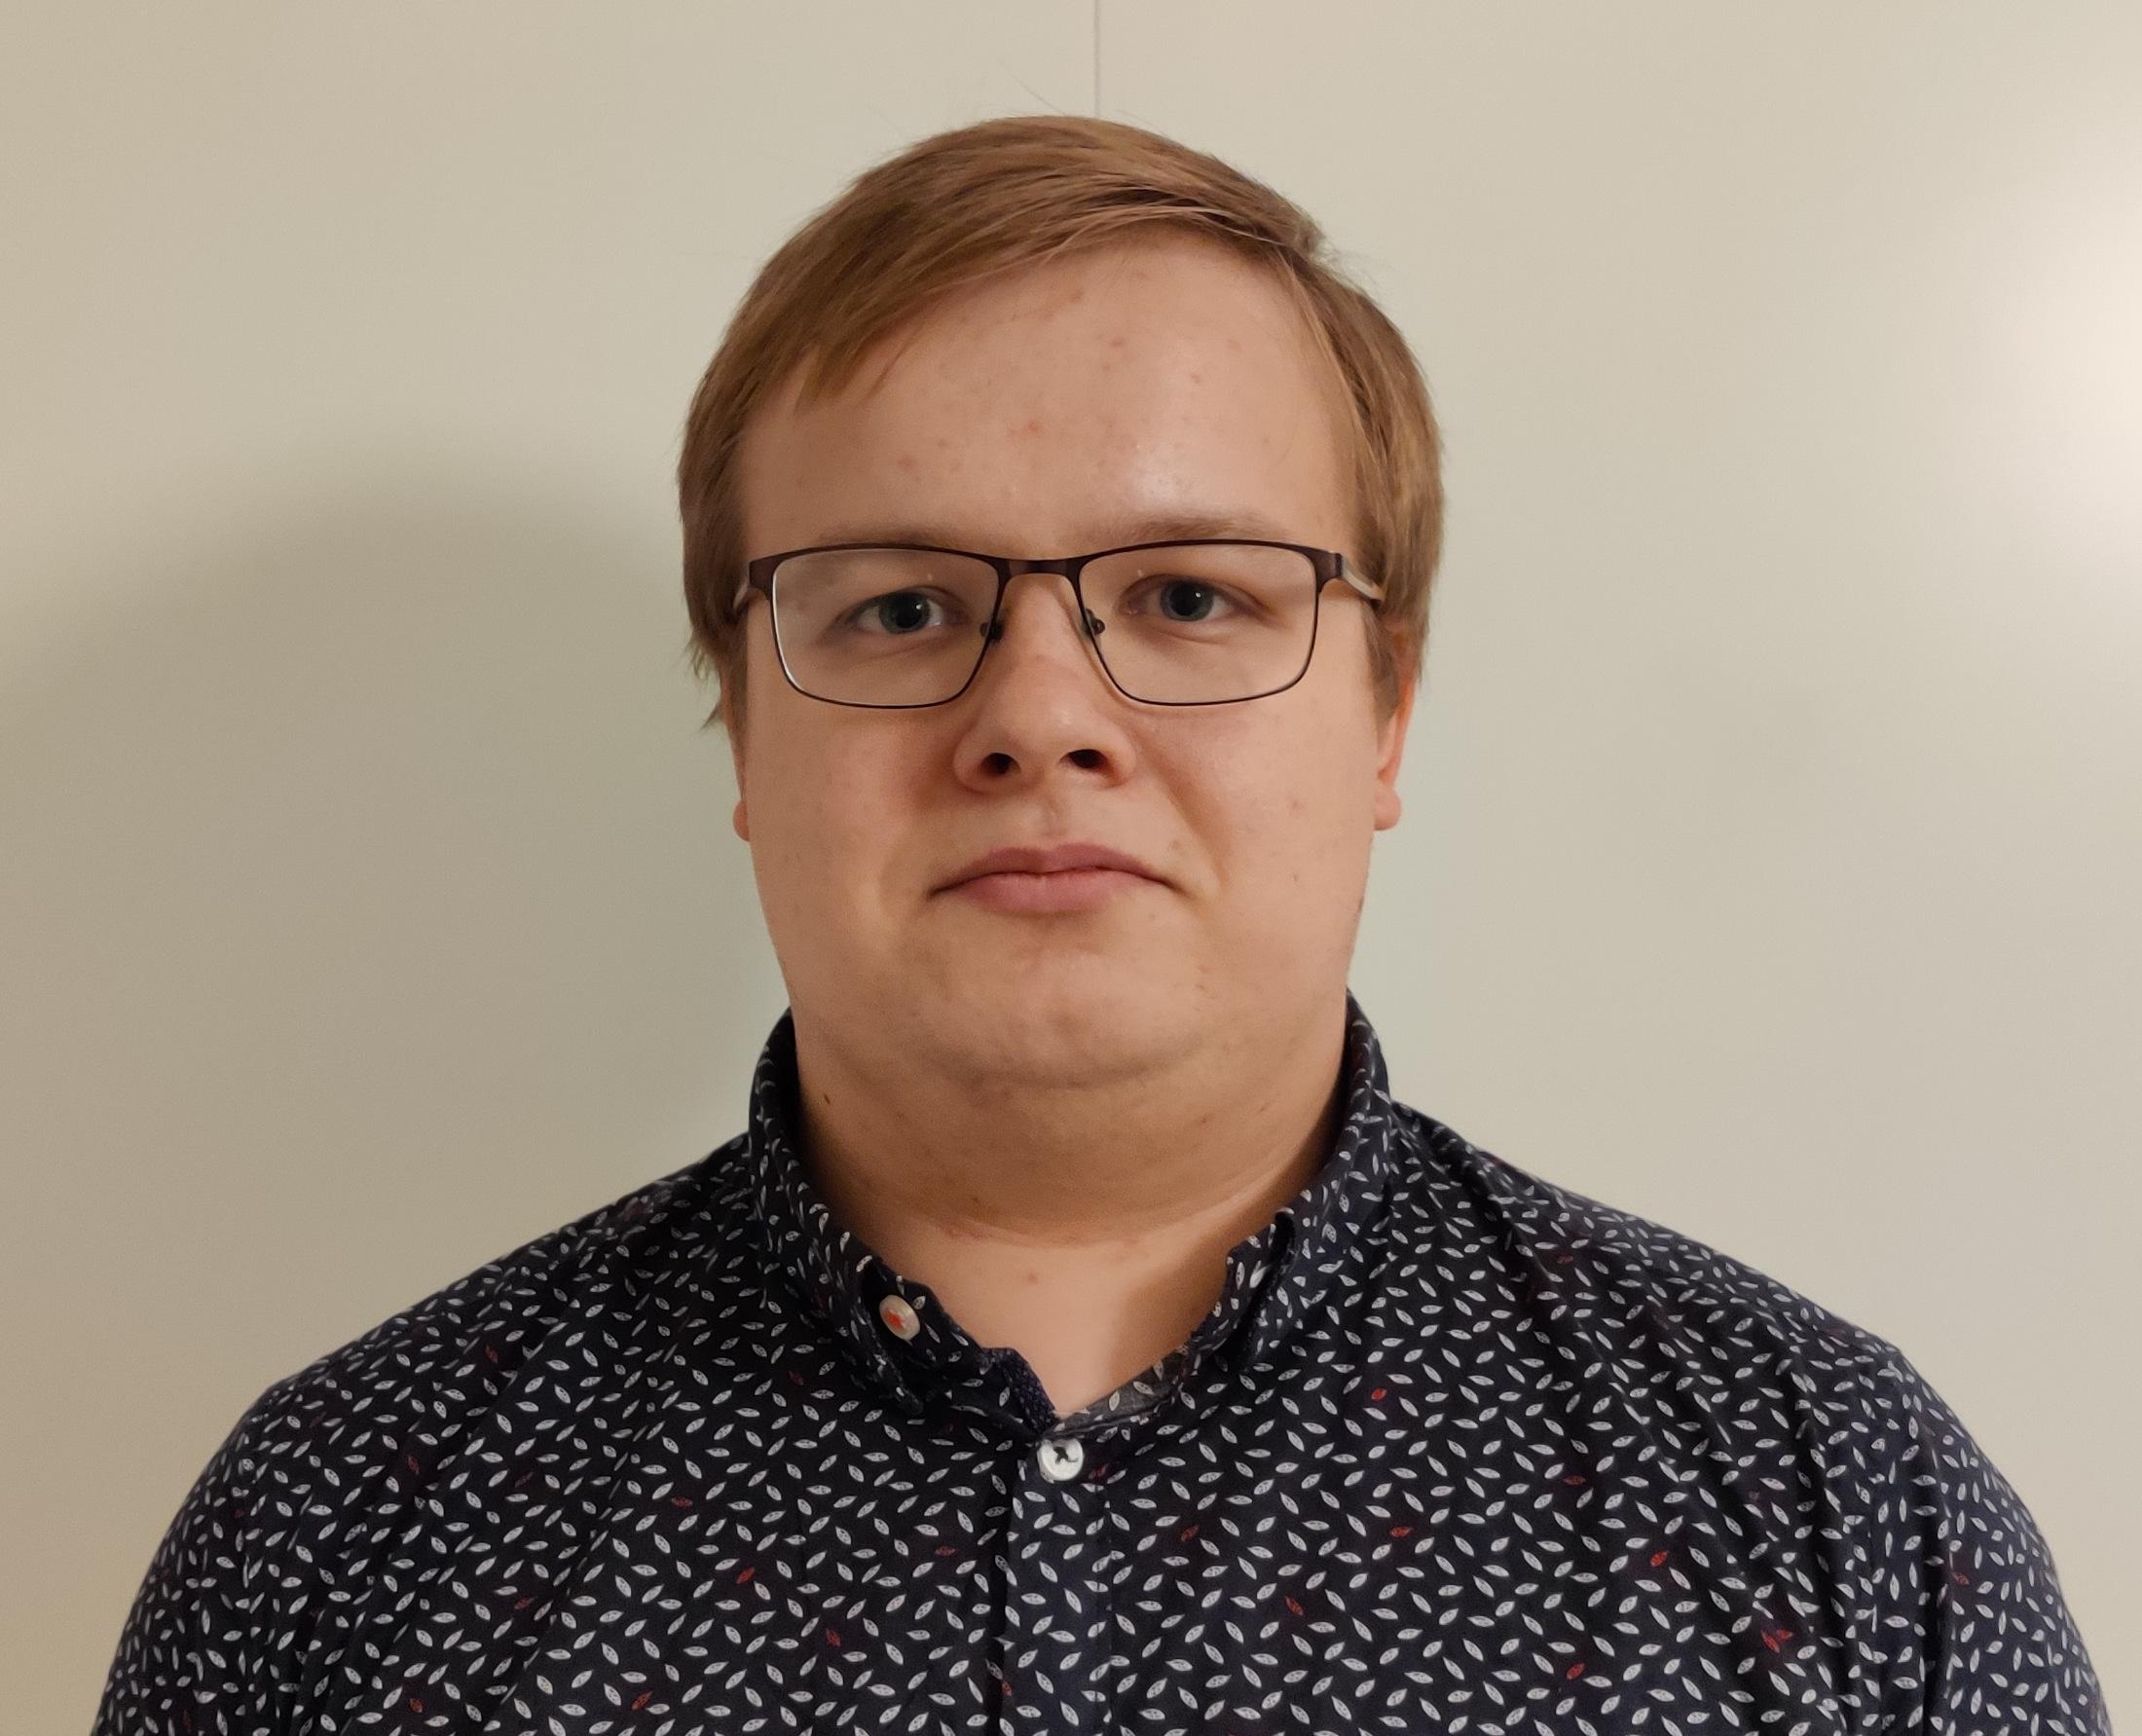 Ville Pyykkönen